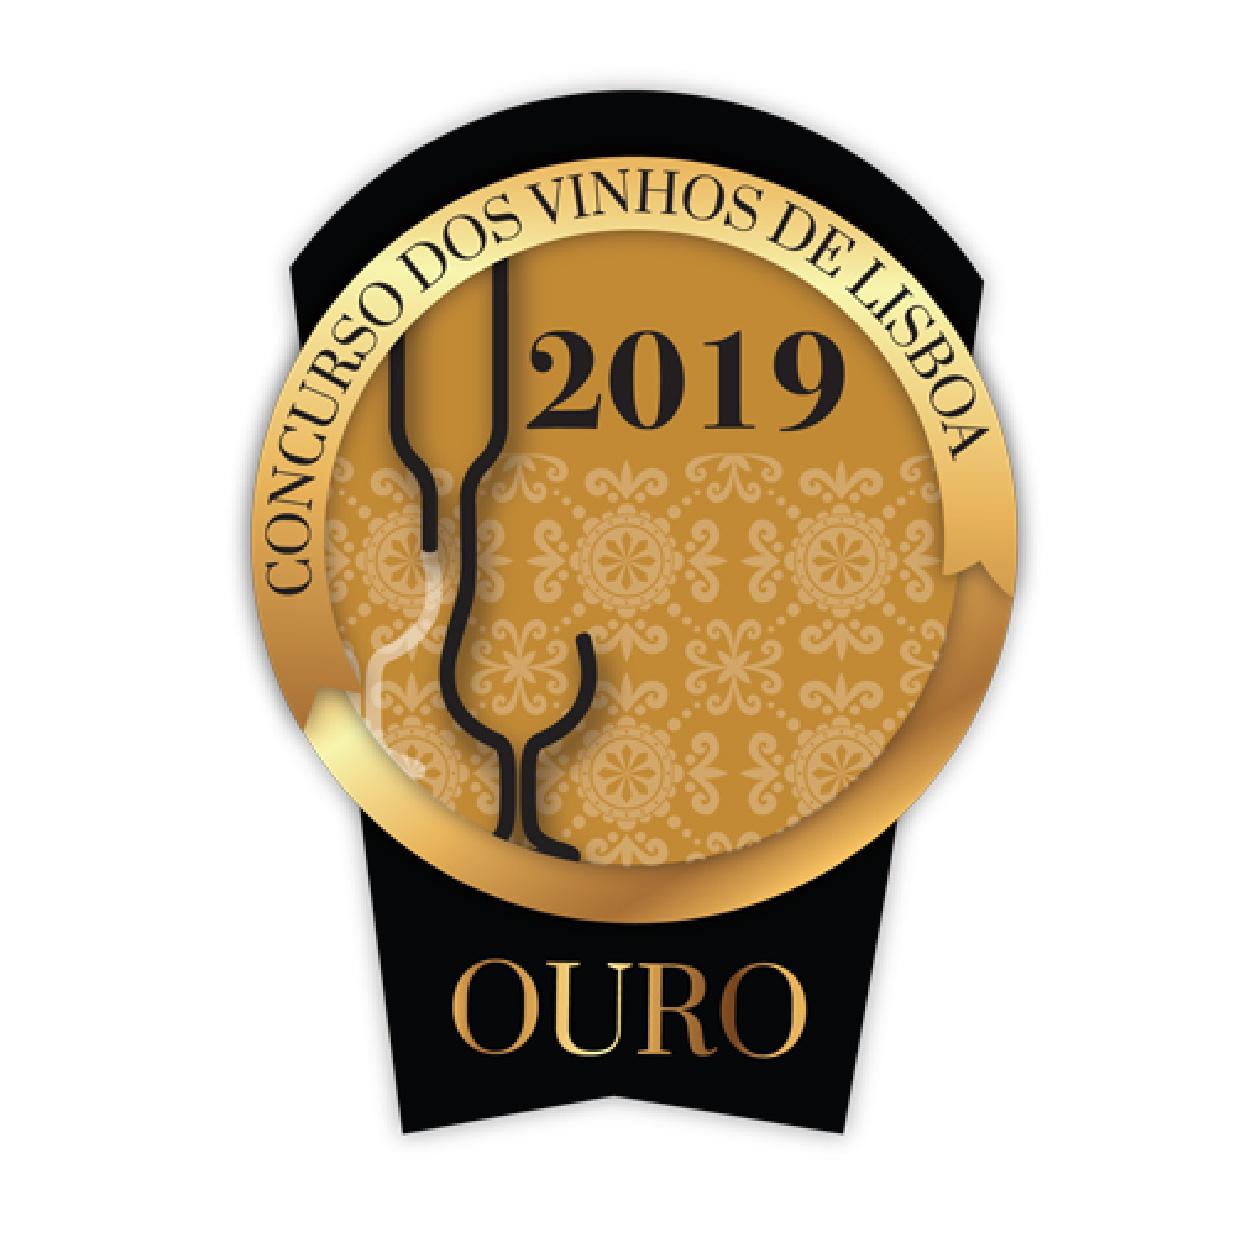 Aguardente DOC Lourinhã - 27ª edição - Medalah Vinhos de Lisboa-01